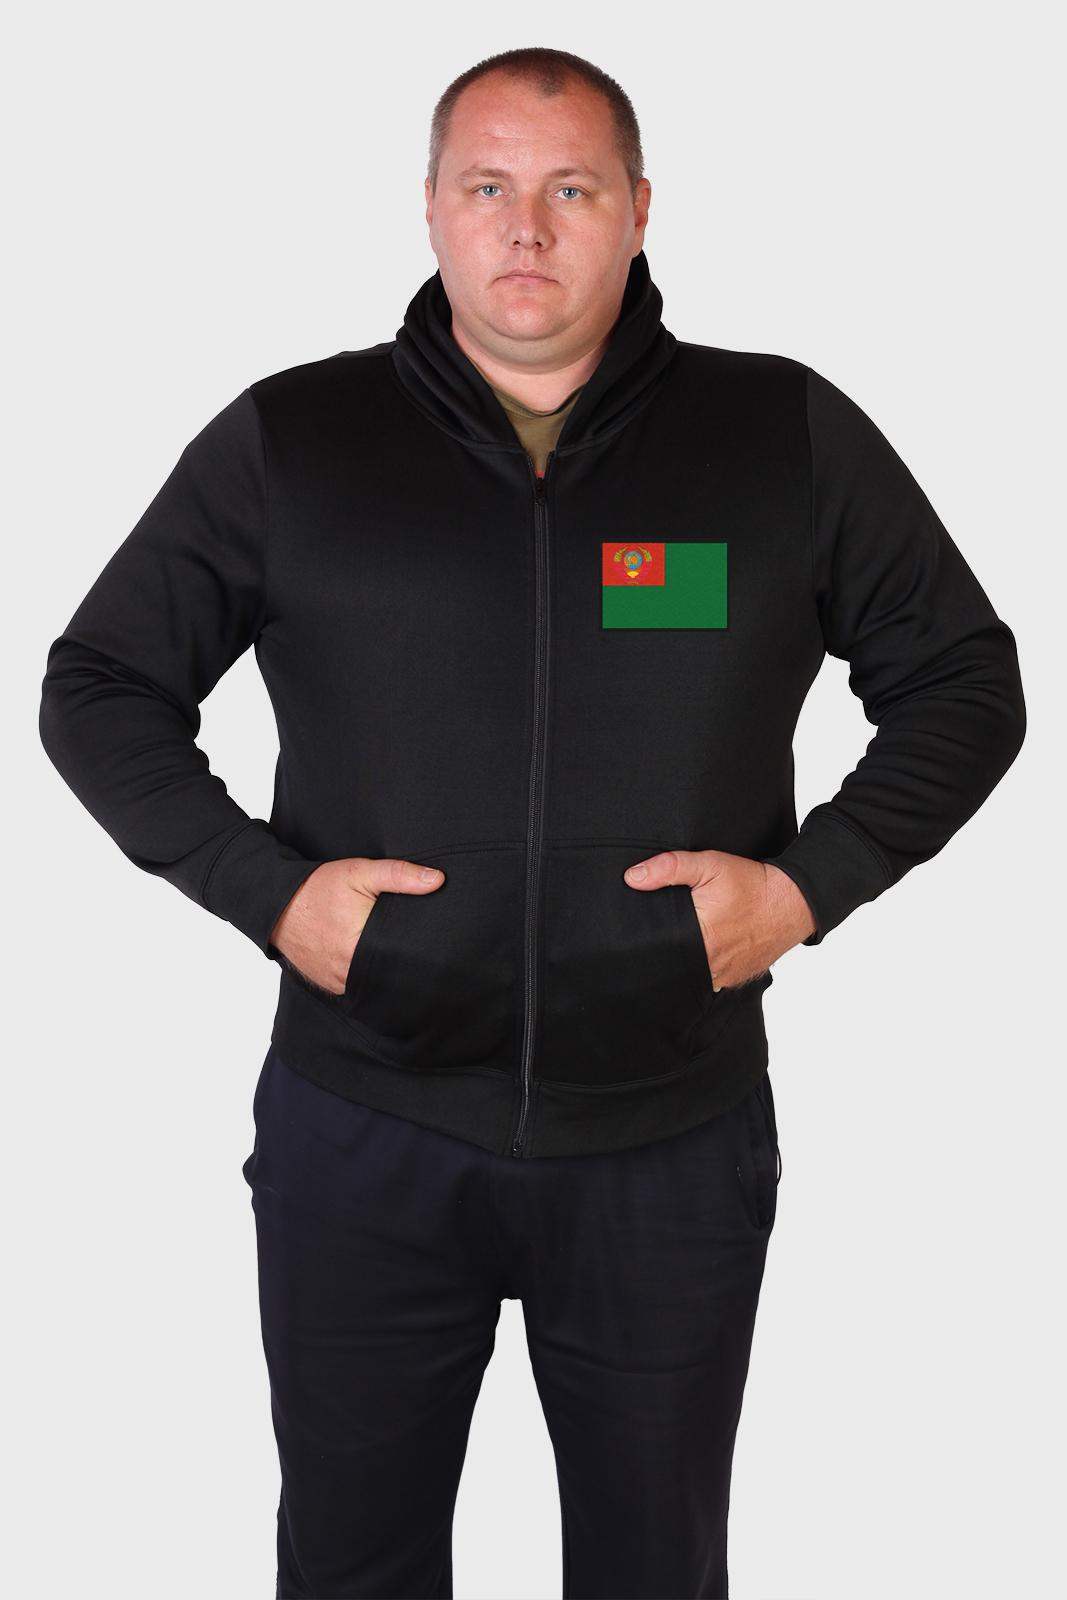 Плотная мужская толстовка с символикой Погранвойск